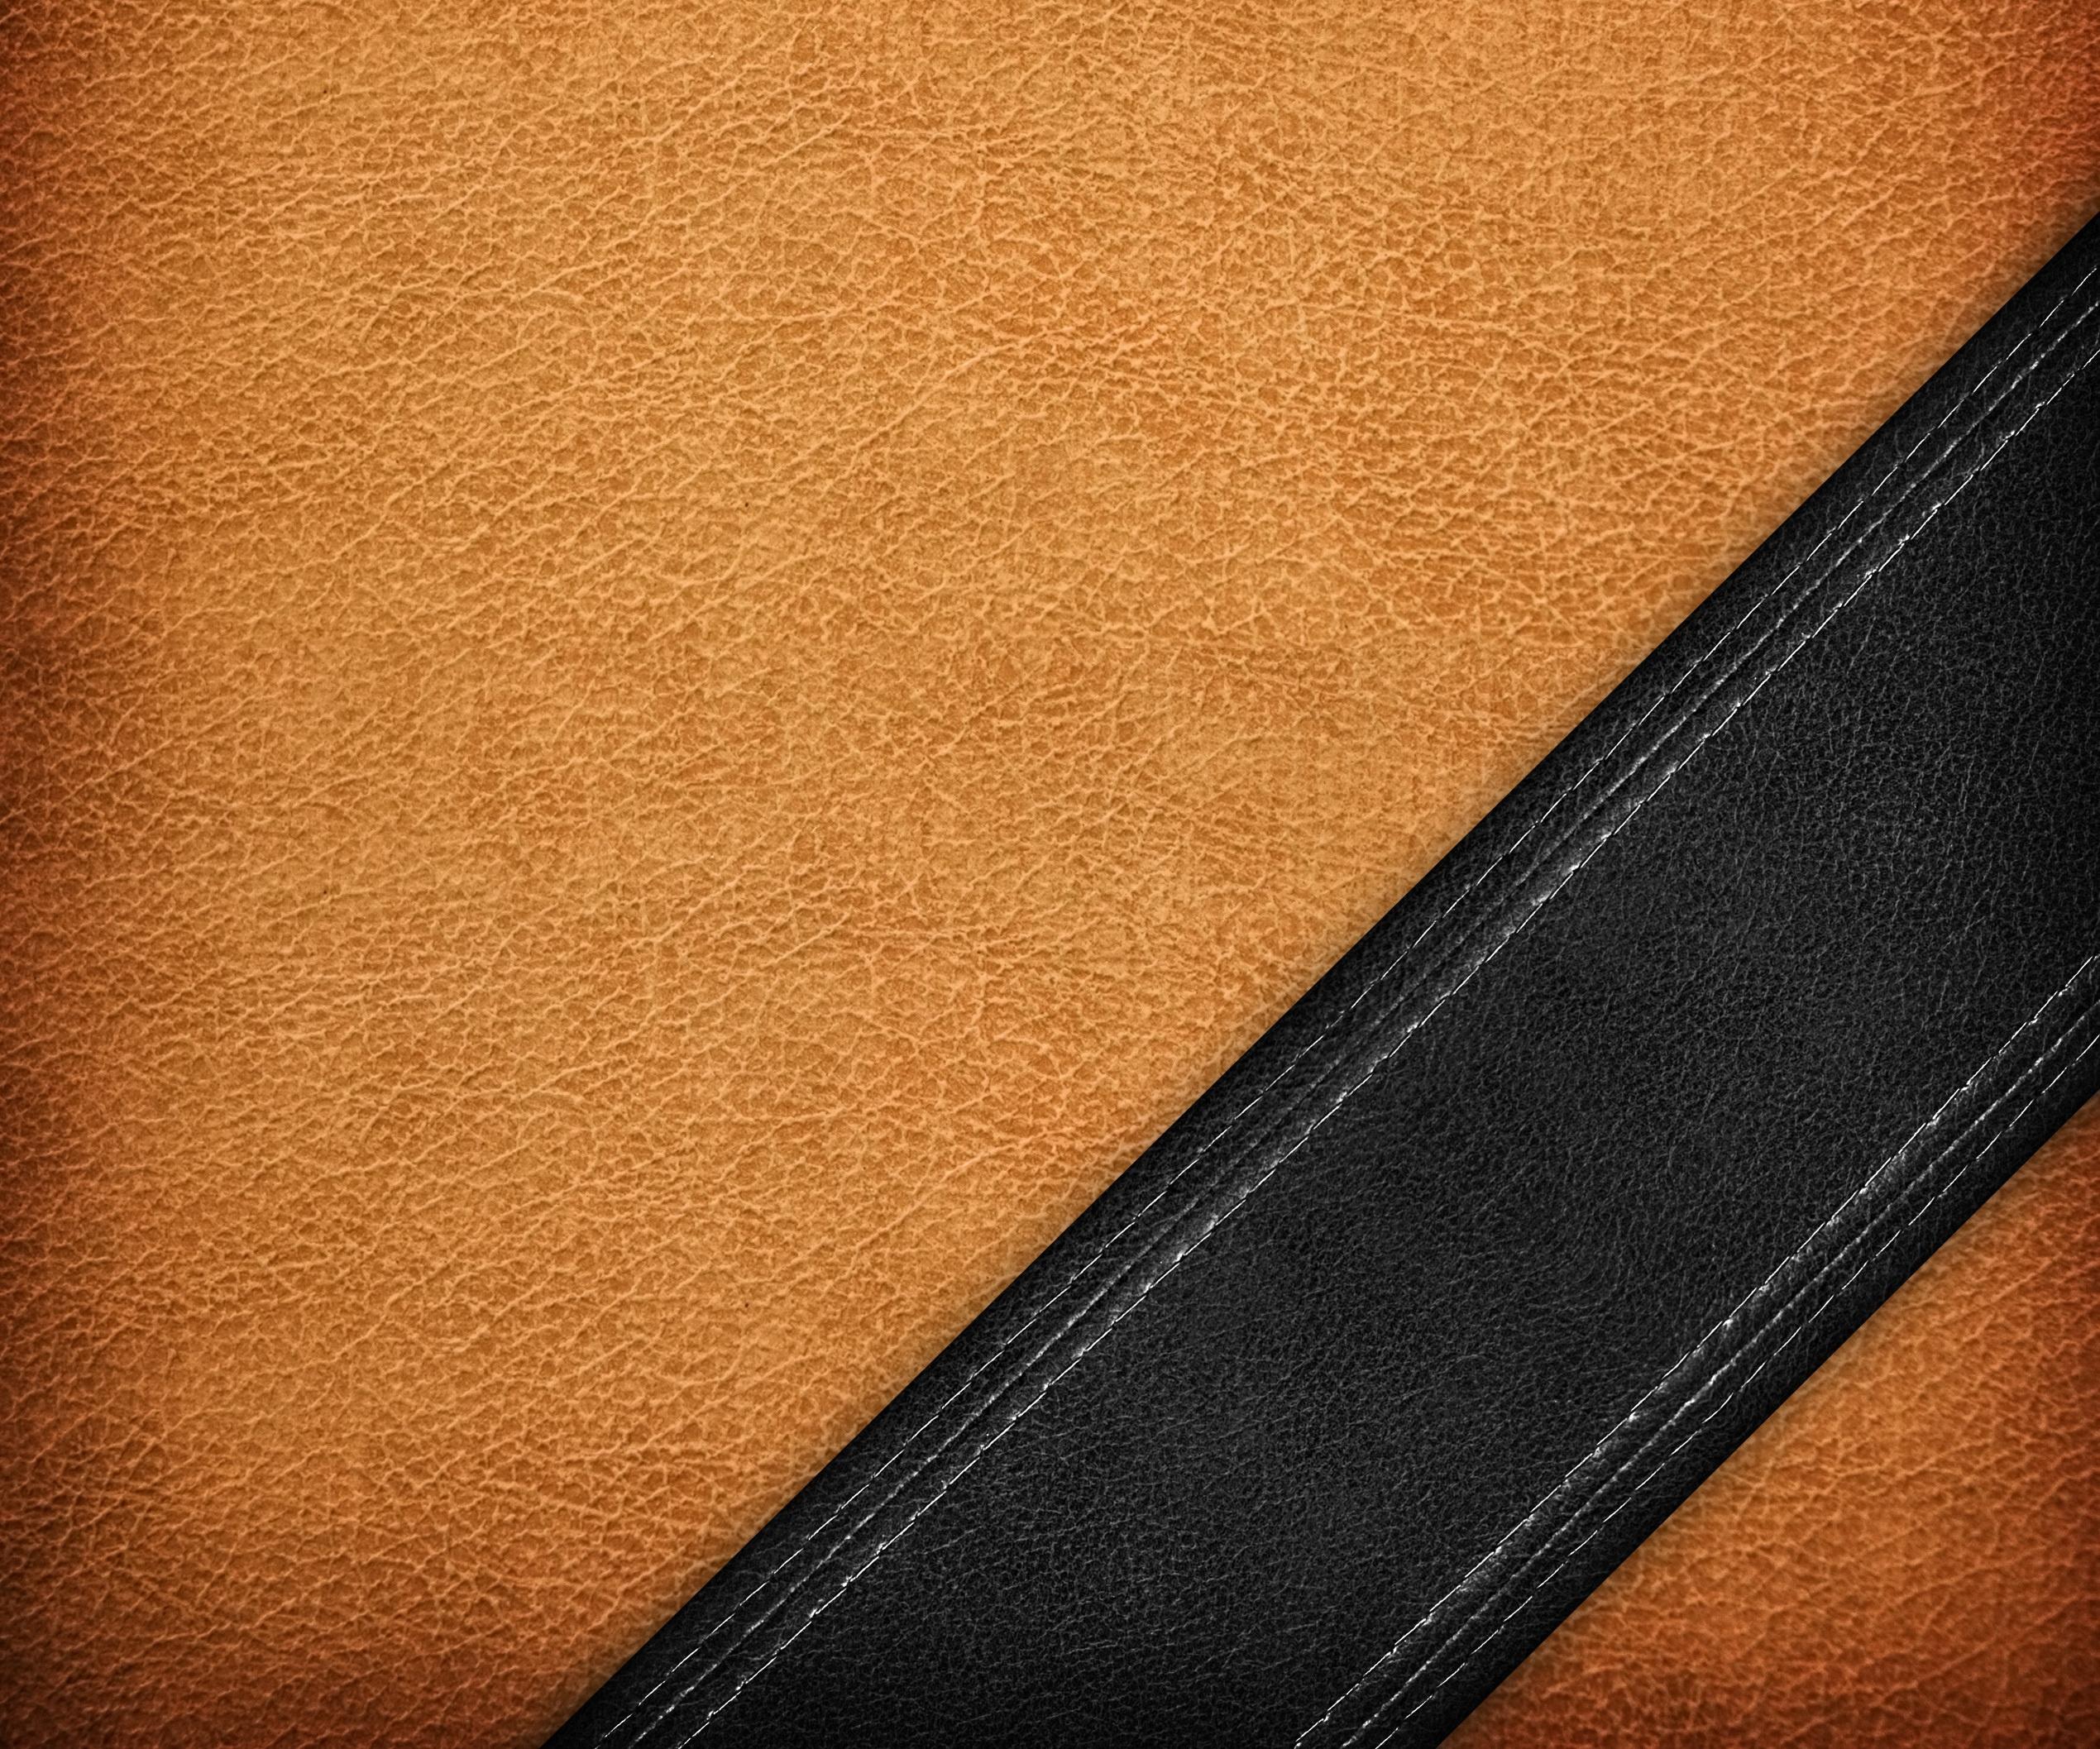 горькушках содержится картинка фон кожа черная должна выглядеть опрятно